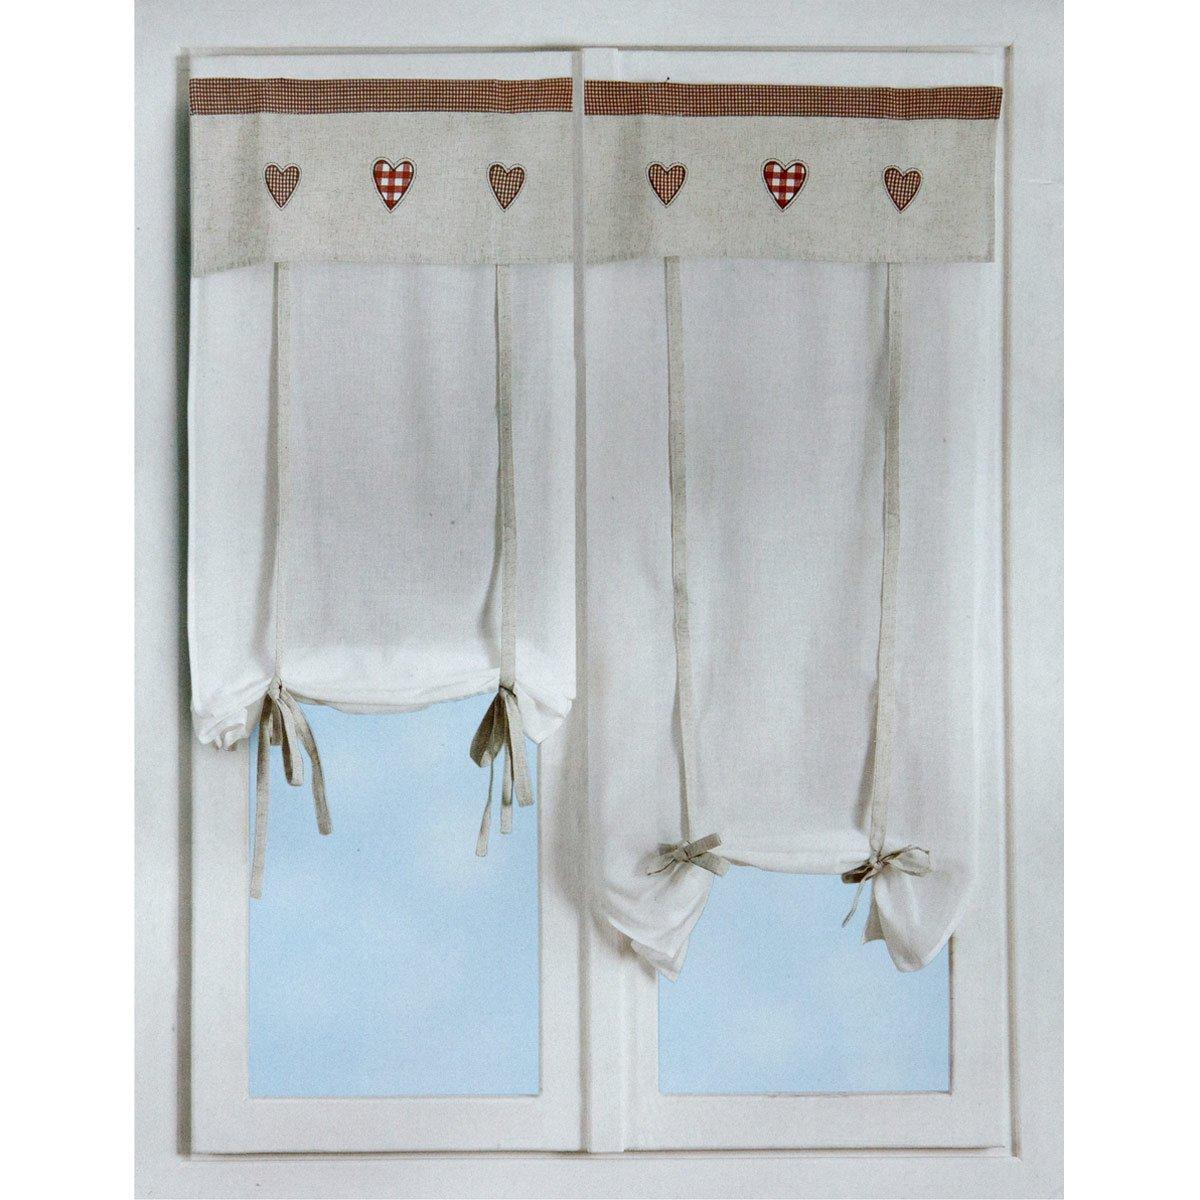 CARILLO Coppia Tende tendine regolabili vetro finestra 60x230 cm ...